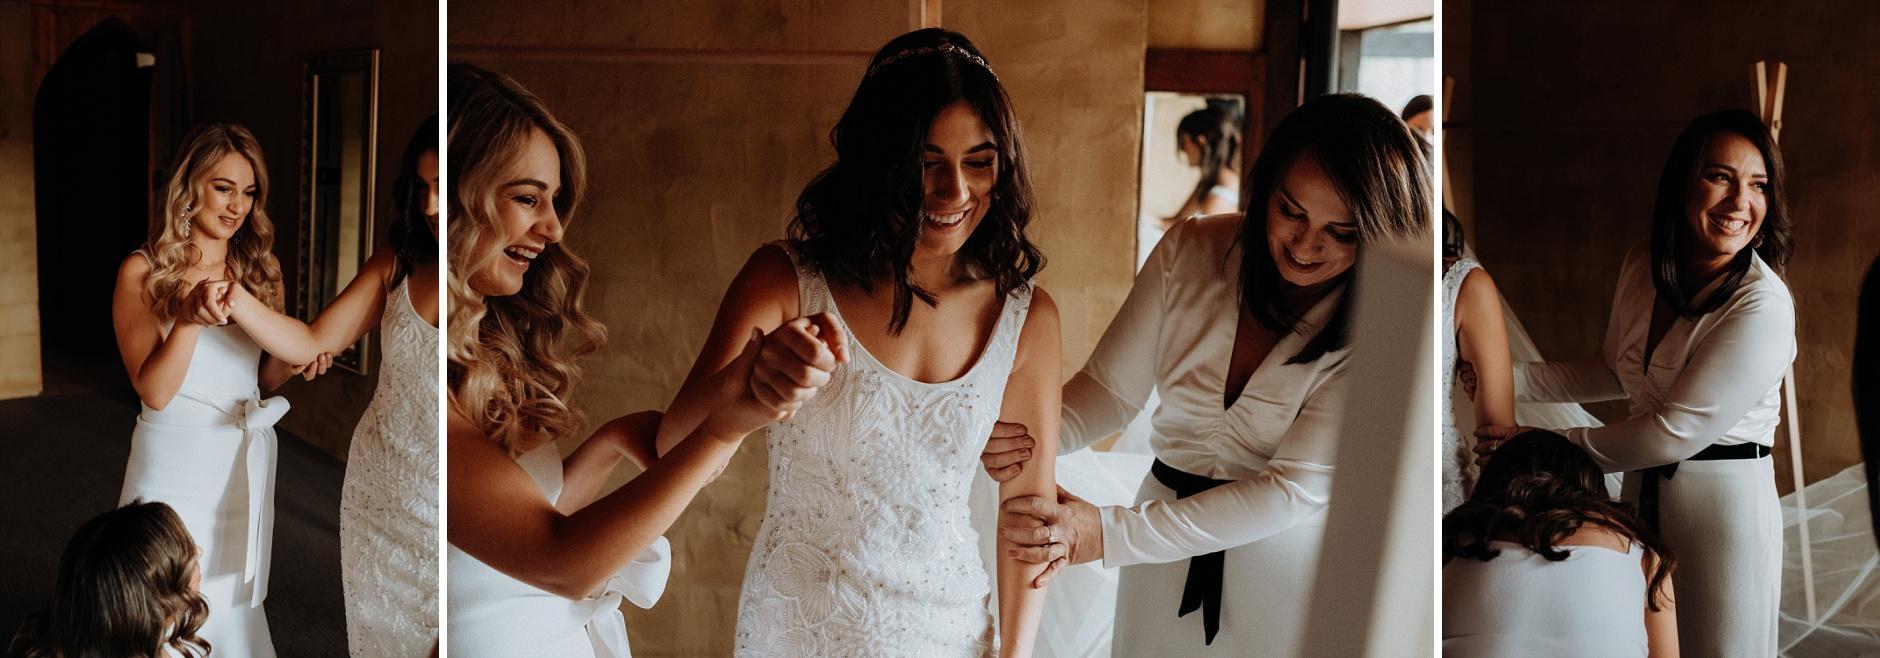 cassandra&cameron0090a_Peppers-Creek-Wedding.jpg